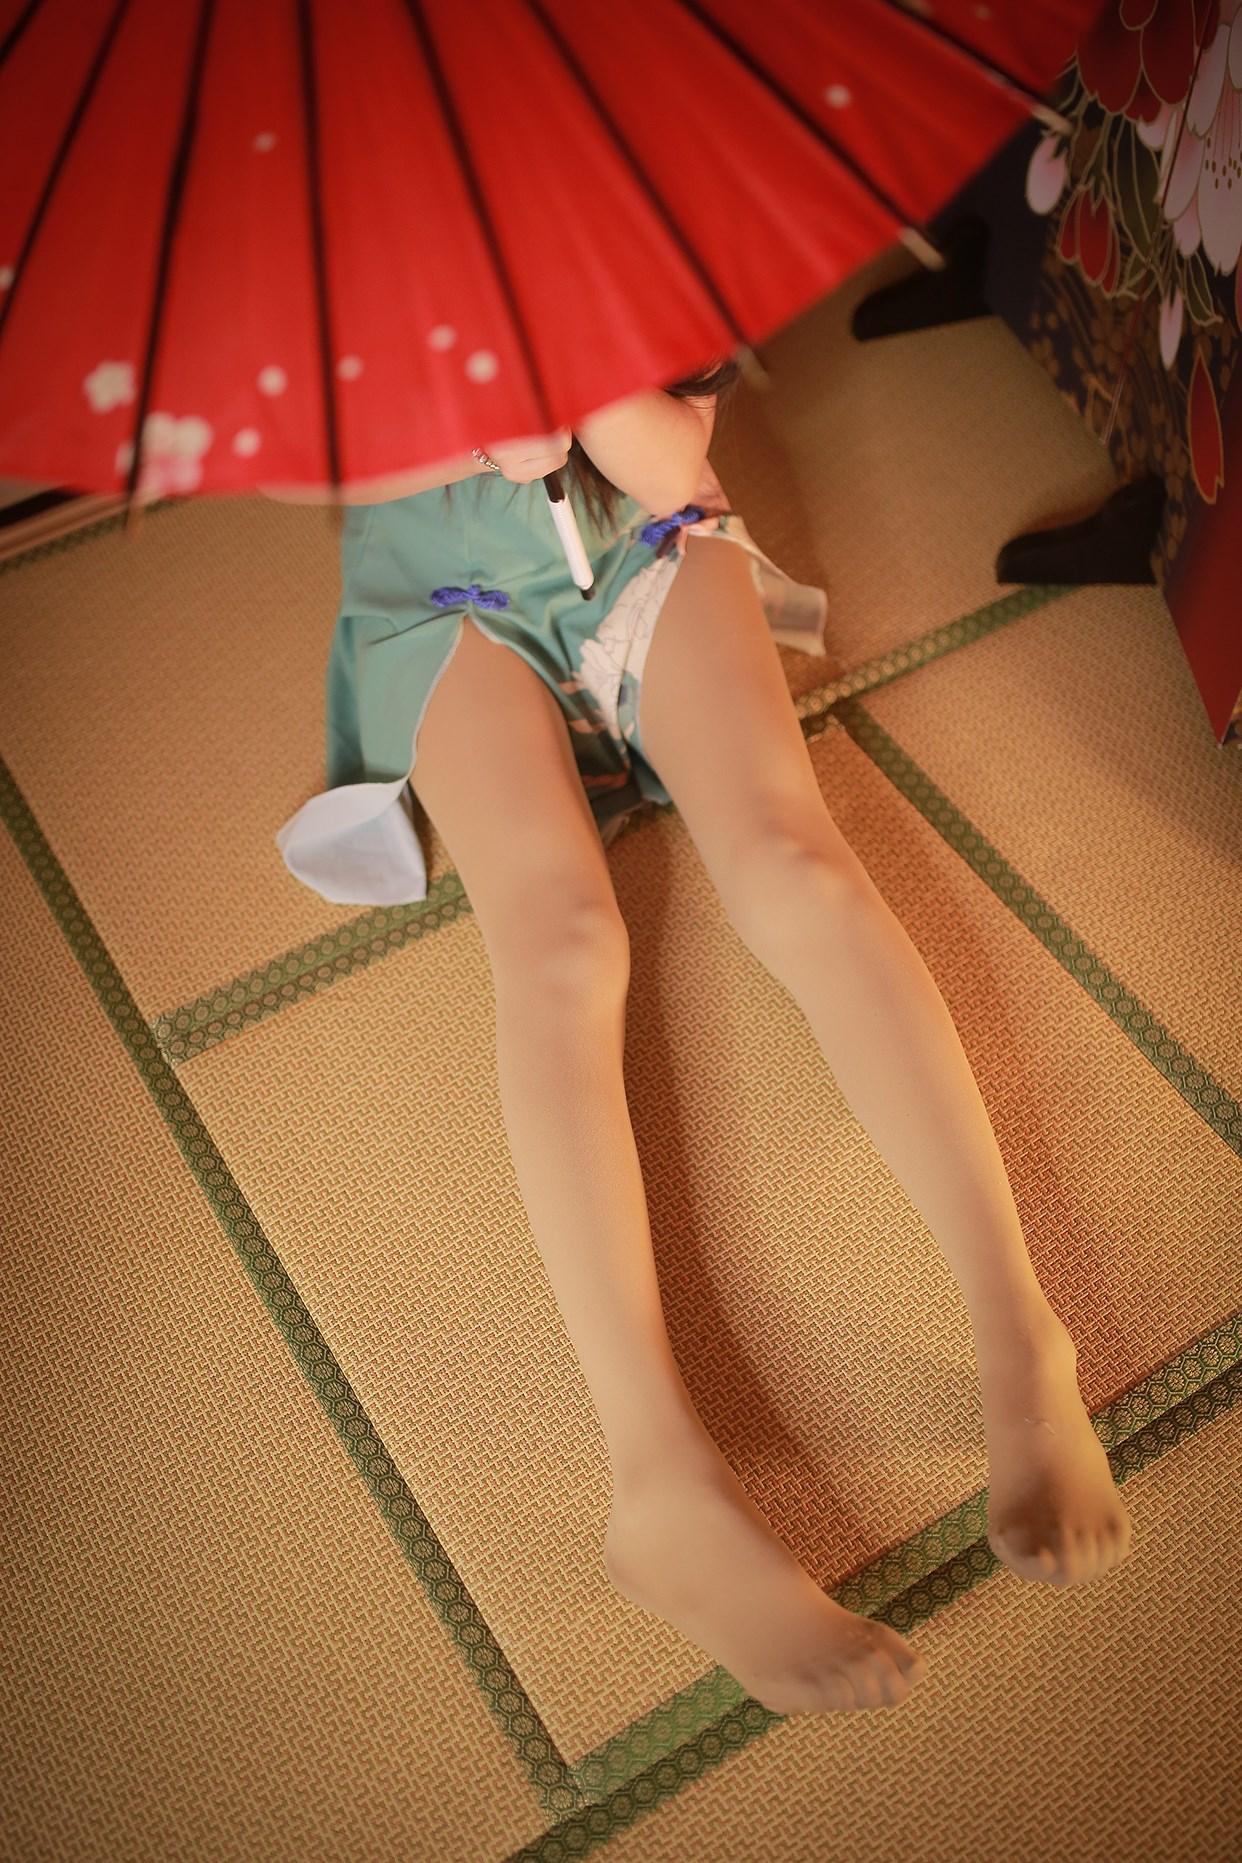 【兔玩映画】伞下的旗袍少女 兔玩映画 第38张